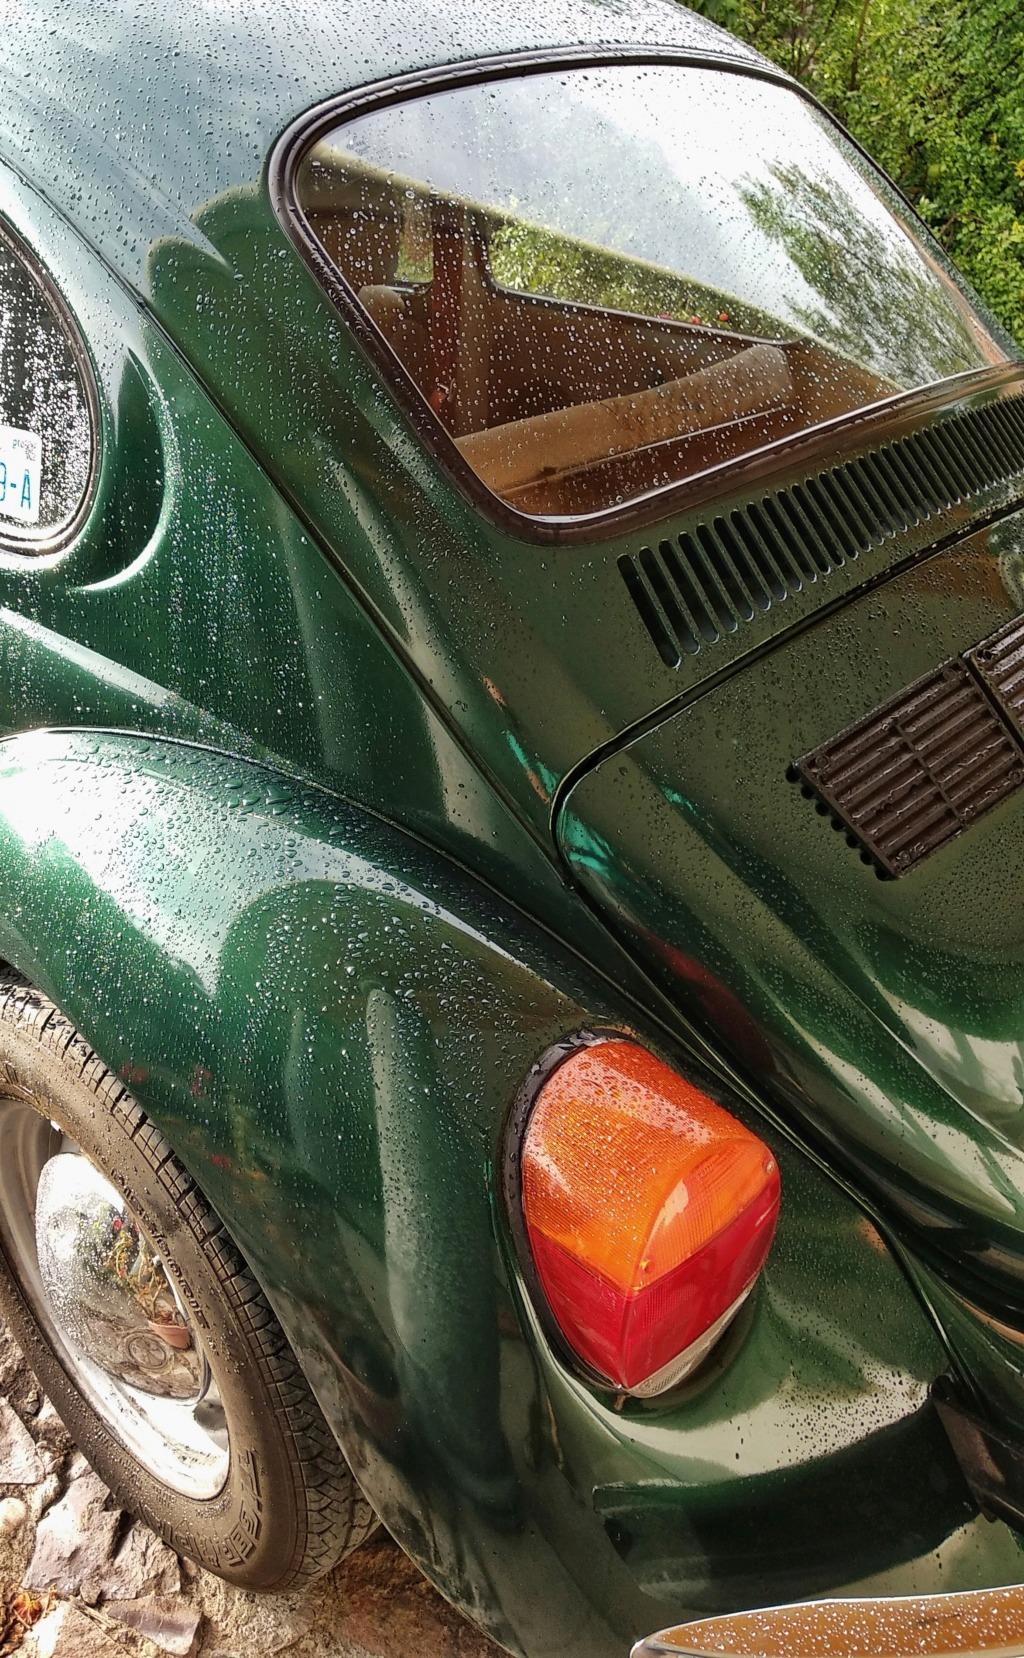 algunas imagenes de mi VW escarabajo, vocho, fusca Img_2012